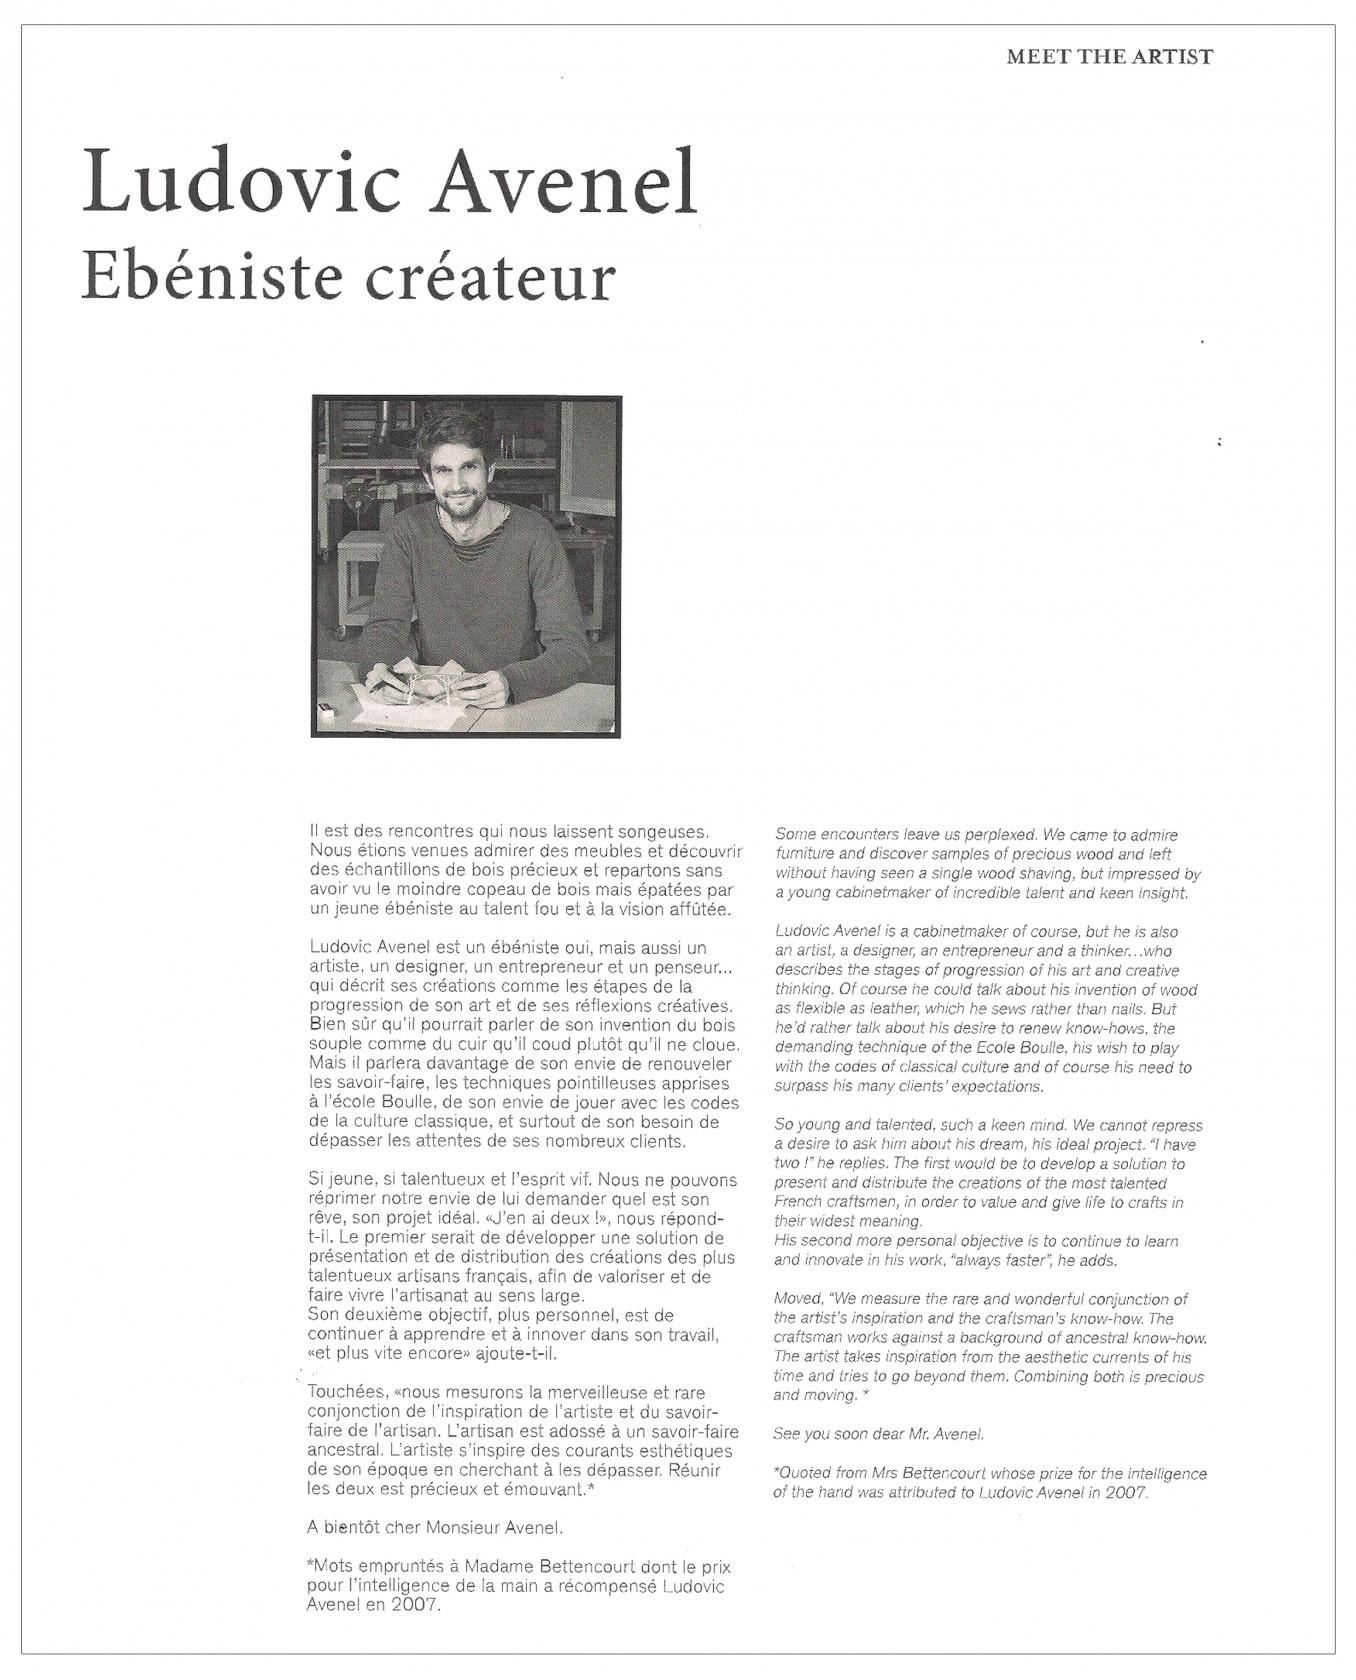 Ludovic AVENEL : ébéniste créateur Paris - Ludovic_Avenel_press_l'aventure_créateur_design_sur mesure_2